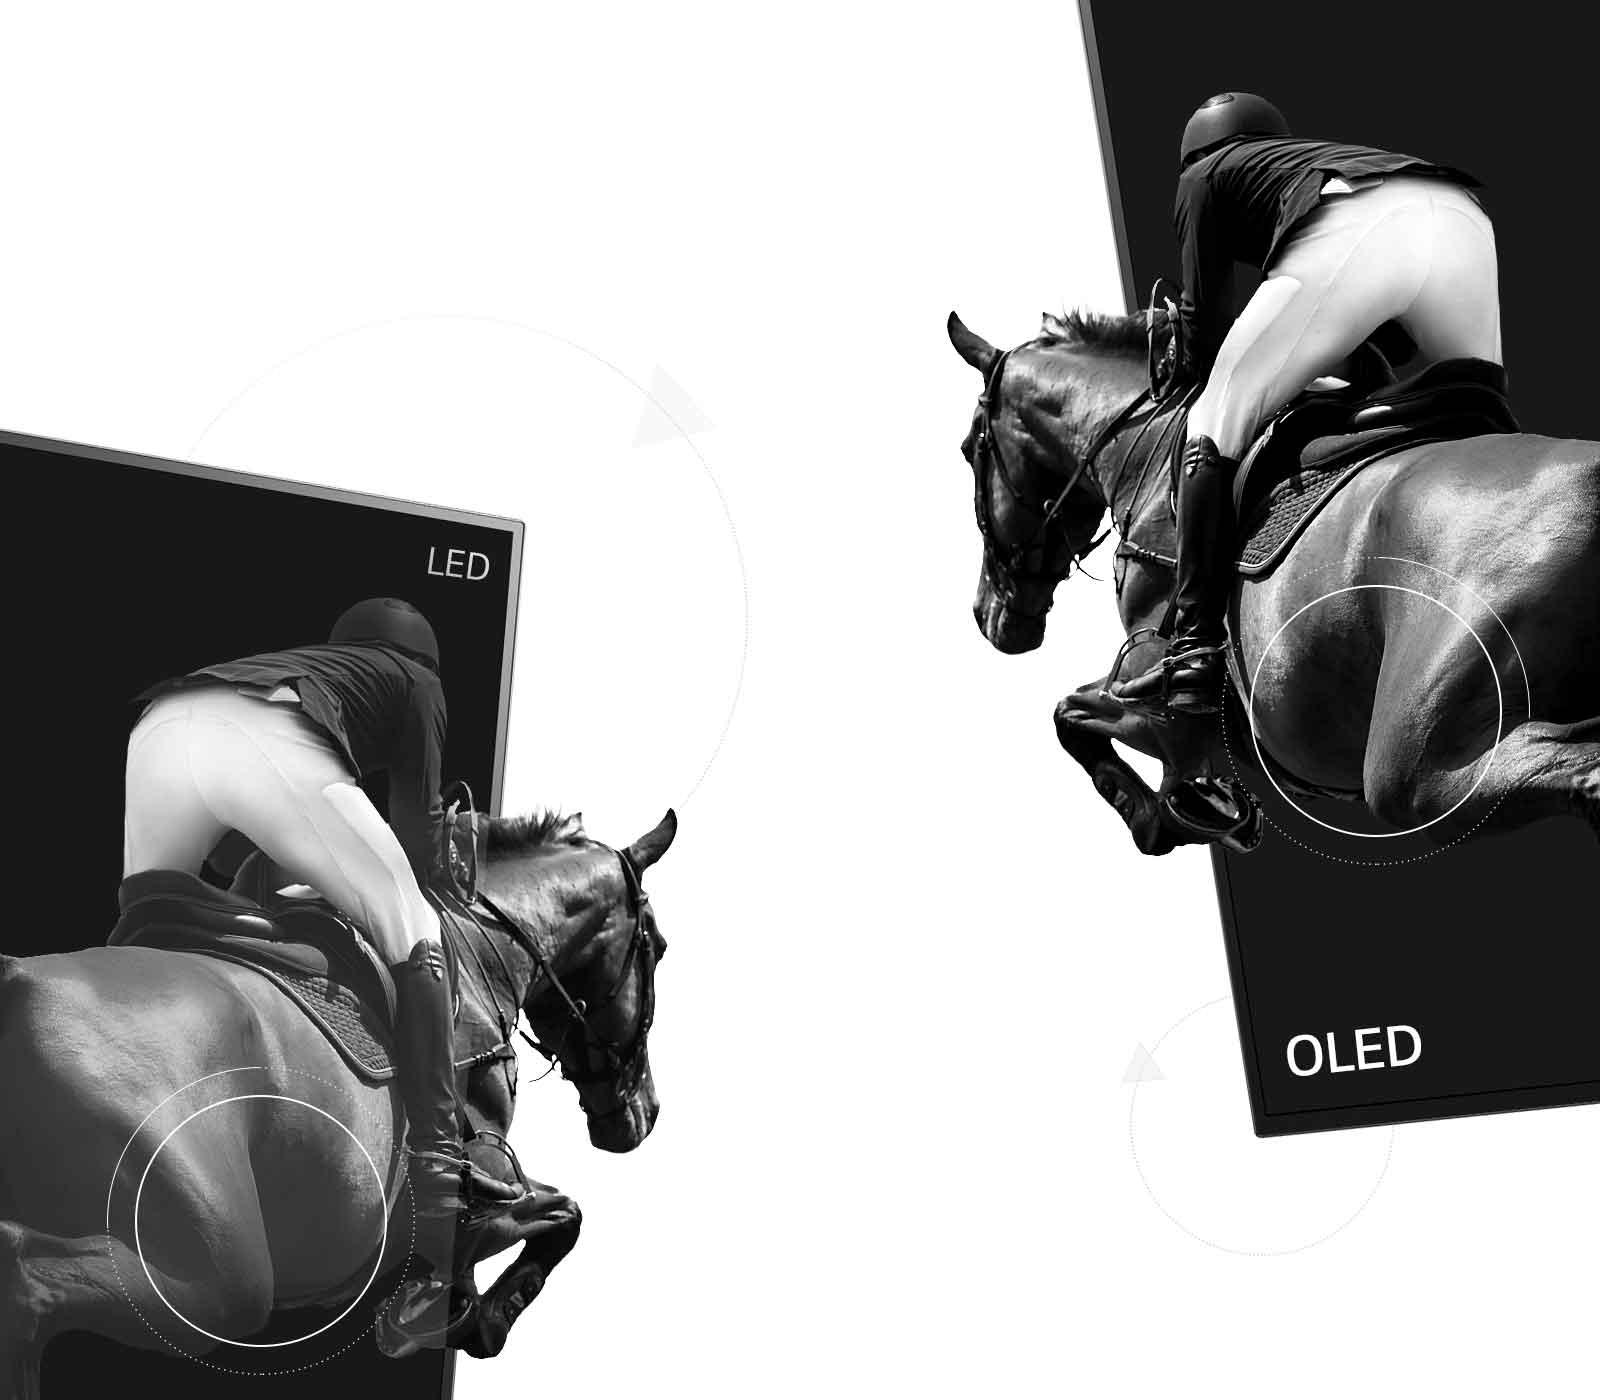 Prizor iz konjeniškega športa, enkrat na LED televiziji s slabim kontrastom in enkrat na OLED televiziji z neskončnim kontrastom (predvajanje videa)